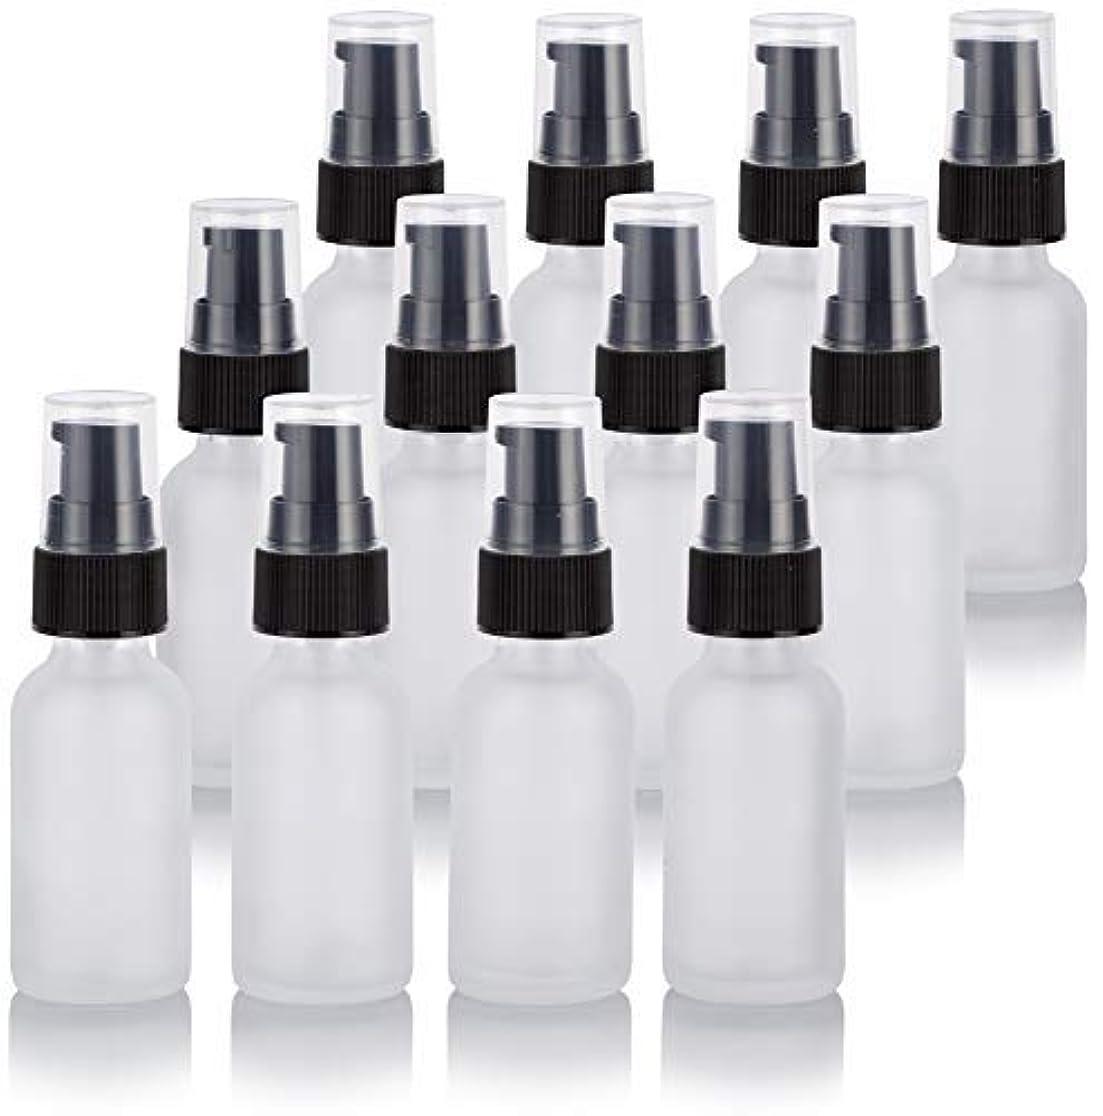 時代スキーマンハッタン1 oz Frosted Clear Glass Boston Round Treatment Pump Bottle (12 Pack) + Funnel for Cosmetics, serums, Essential...